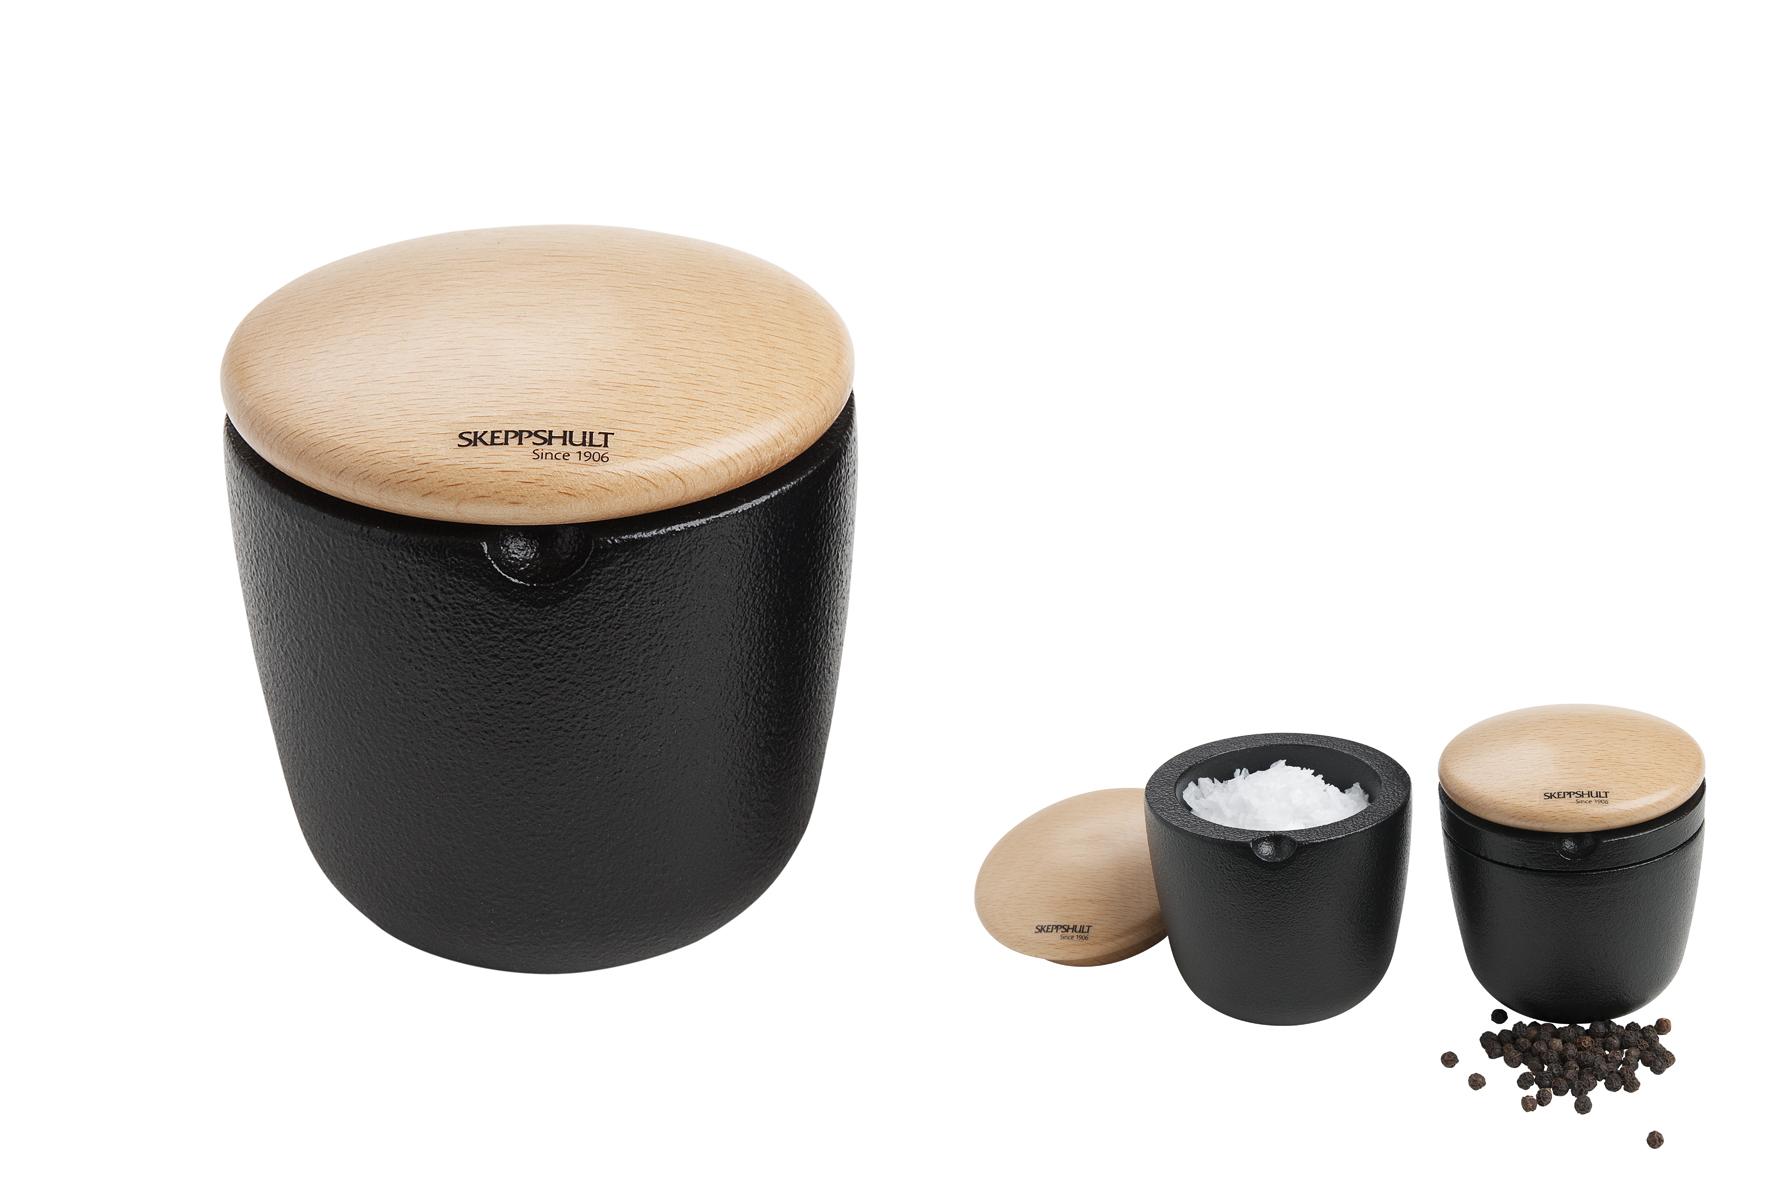 skeppshult swing salzschale und gew rz beh lter. Black Bedroom Furniture Sets. Home Design Ideas